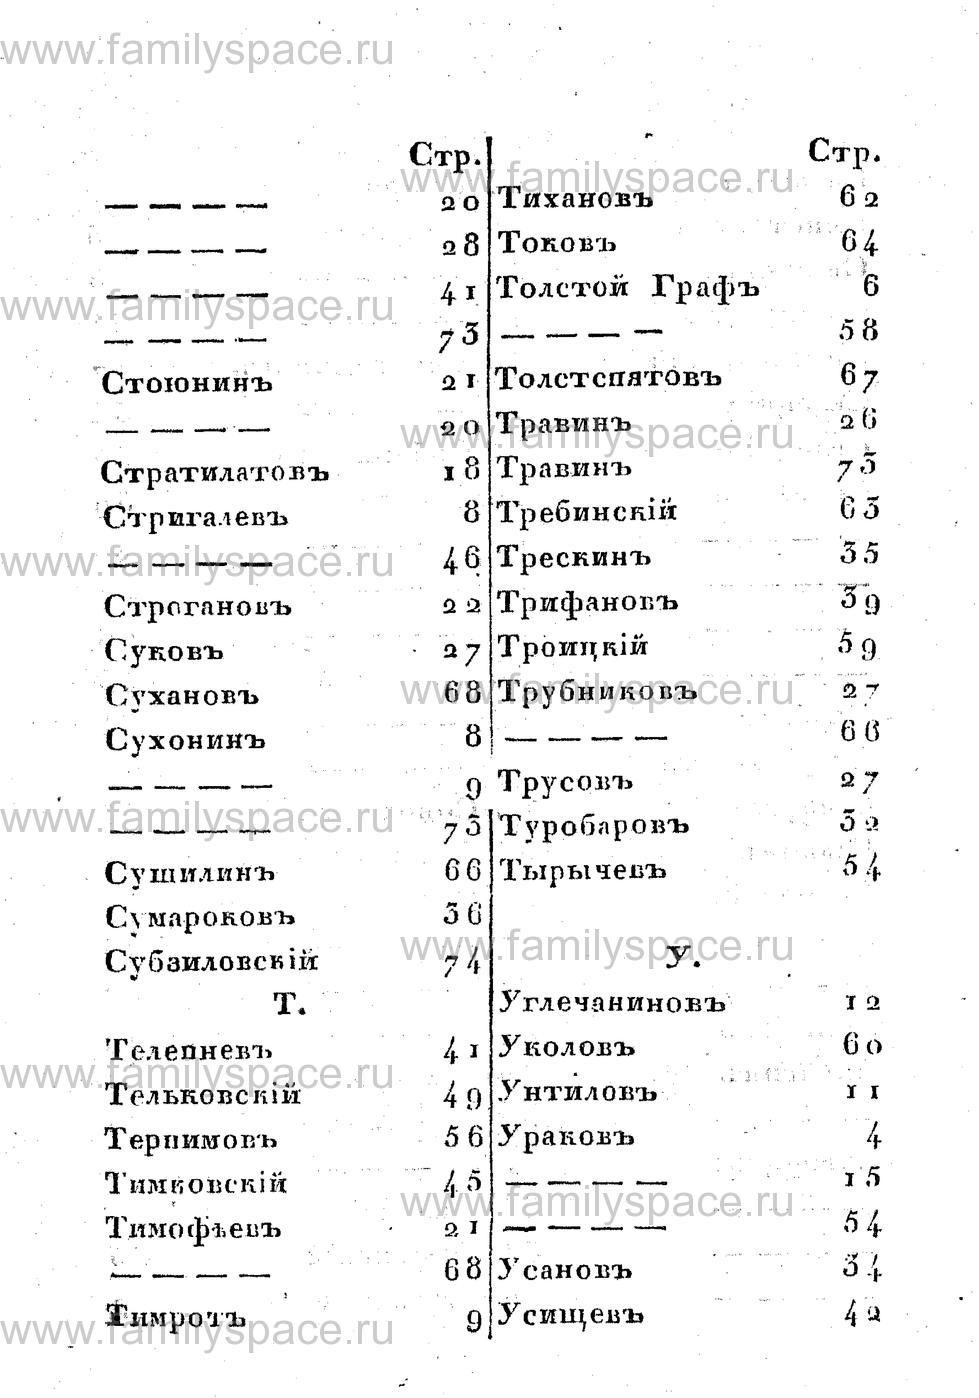 Поиск по фамилии - Памятная книжка Костромской губернии на 1853 год, страница 123